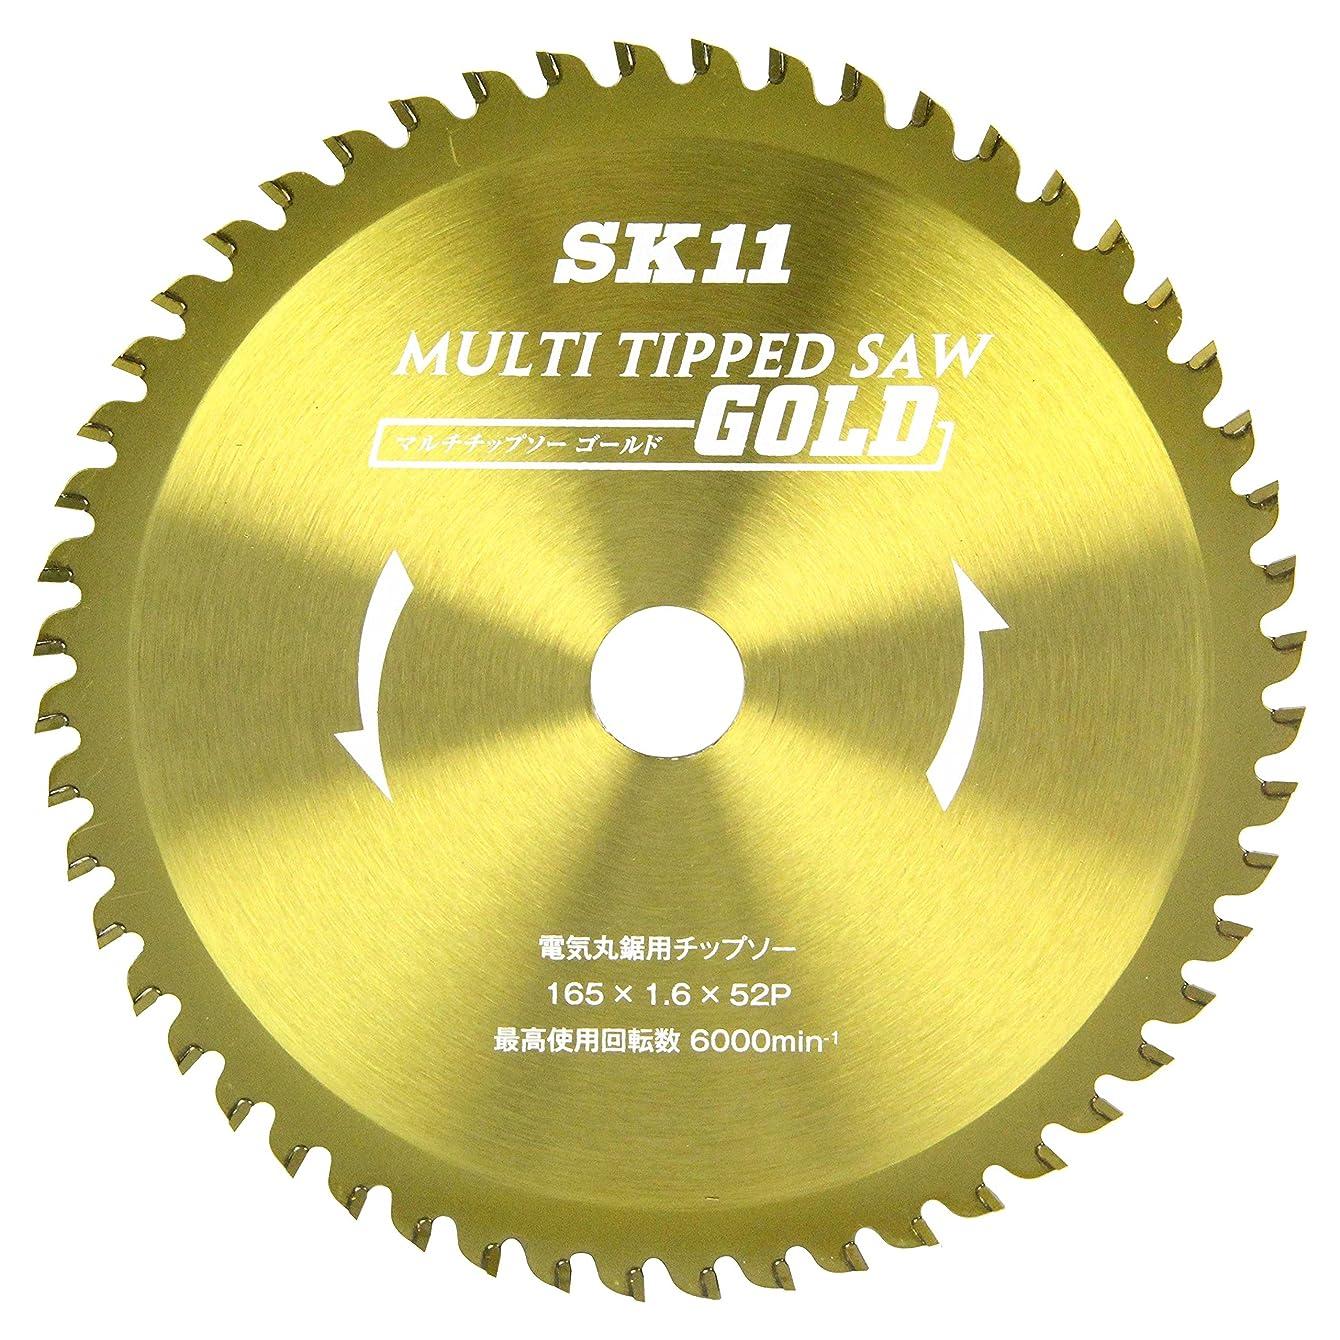 勝利振り子常習者SK11 マルチチップソー GOLD 電気丸鋸用 165mm 165X52P